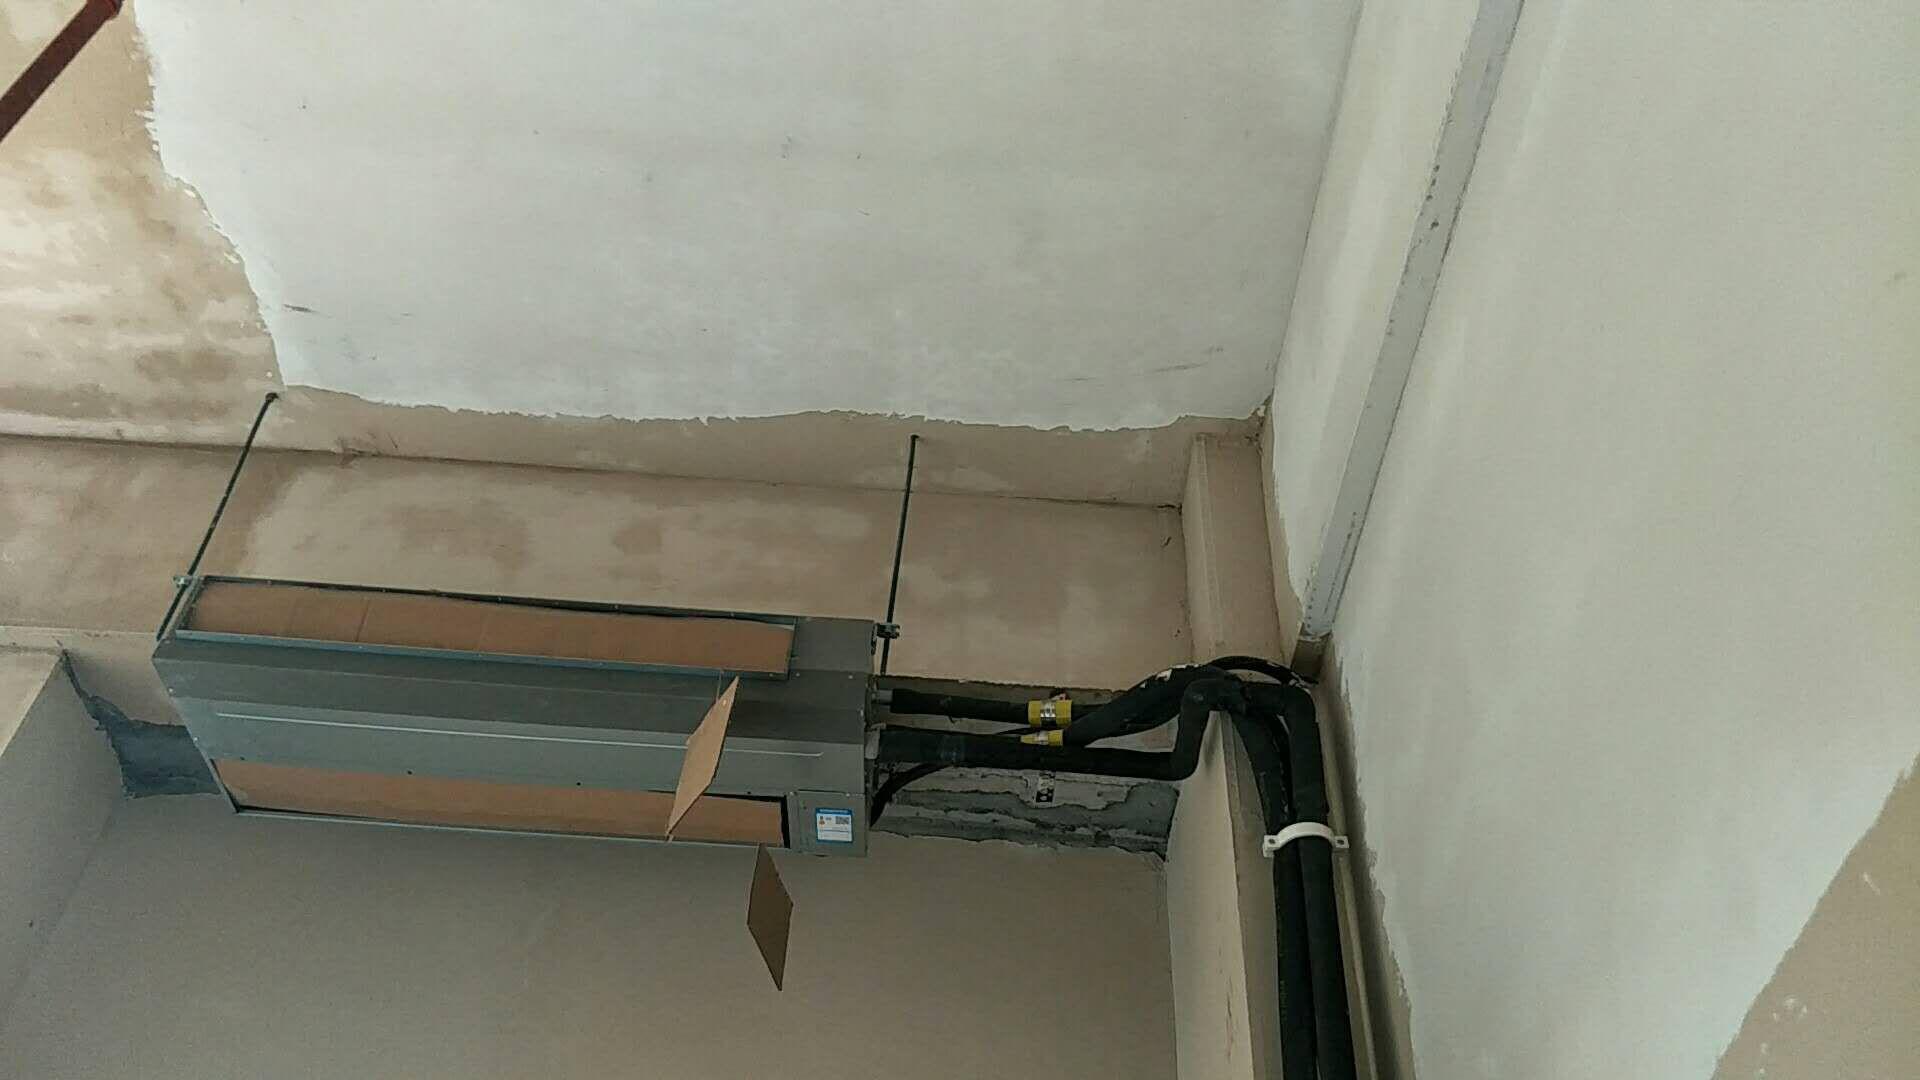 18010034-18030014珠江嘉园3栋2梯903条码和安装图片-460962997794479680